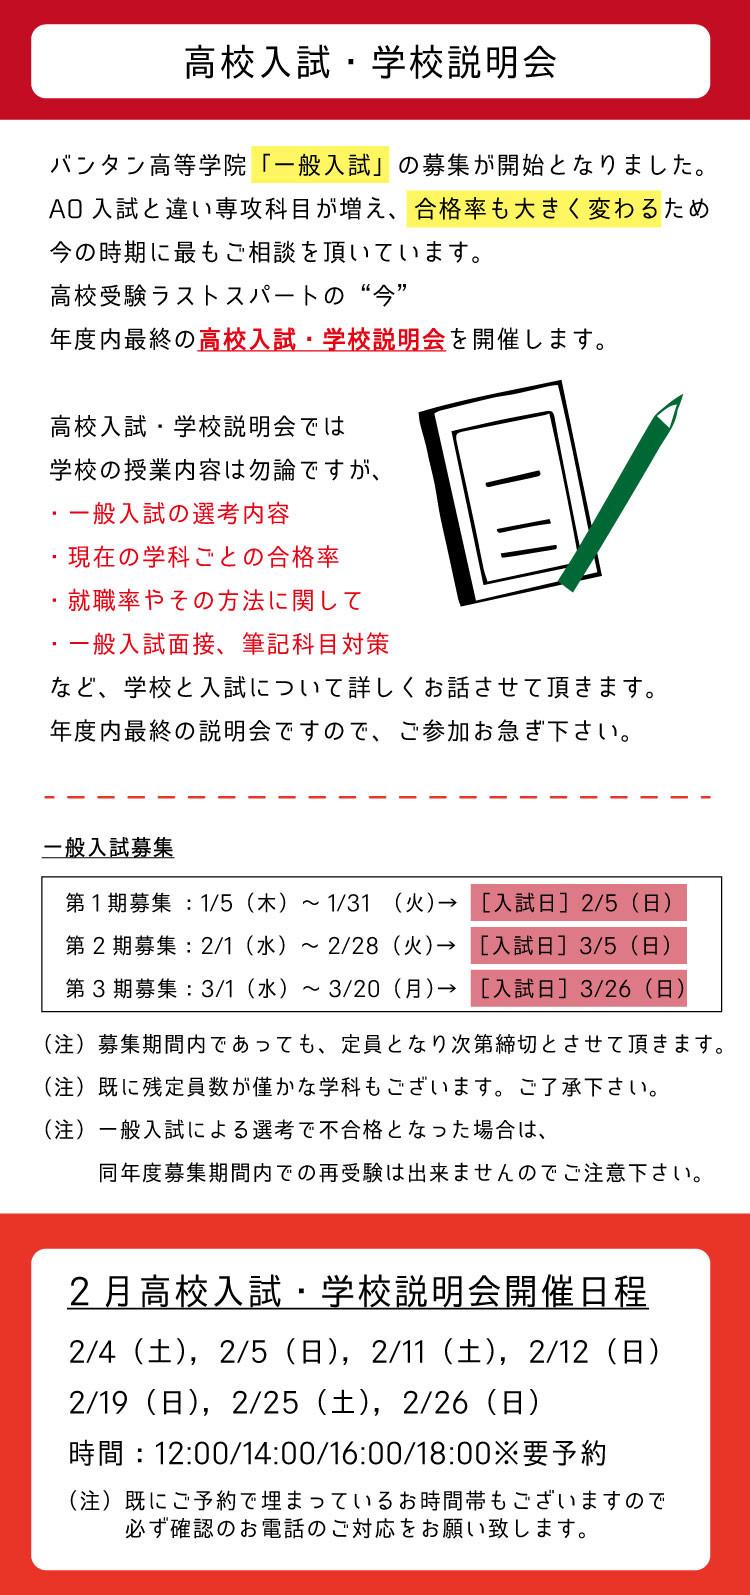 2月~一般入試.jpg